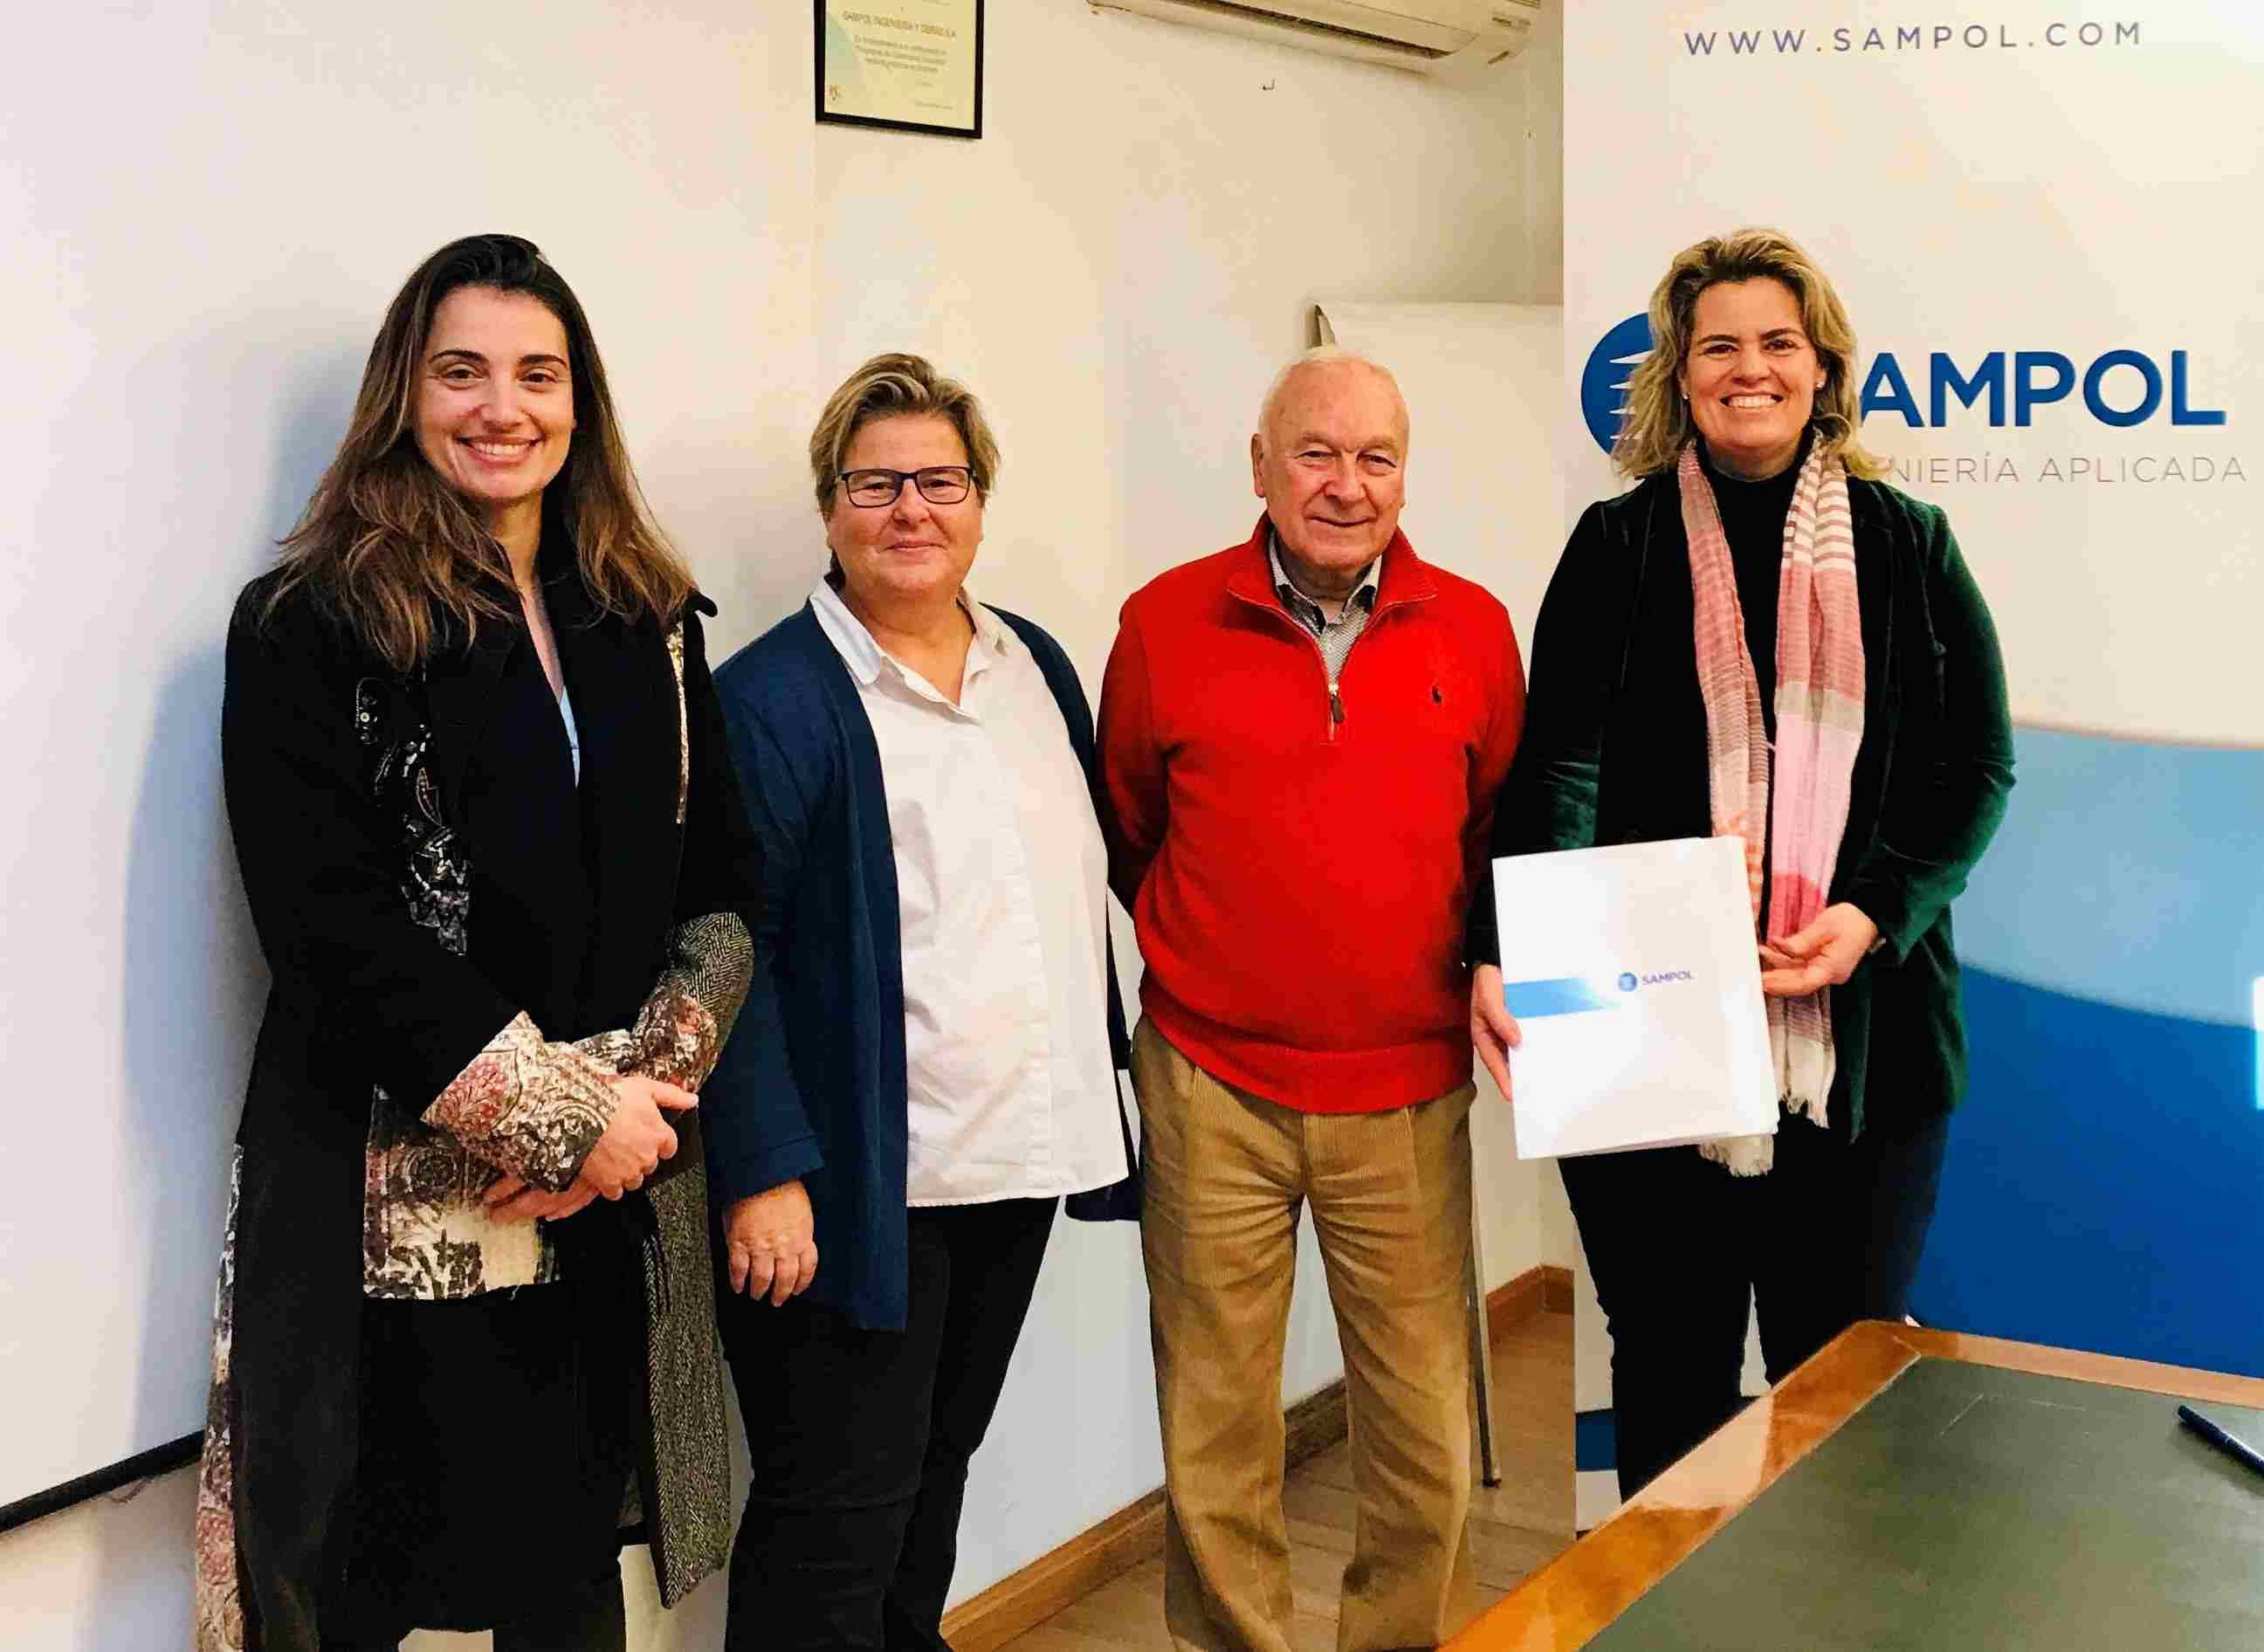 ESERP Business School colaborará con el Grupo Multinacional Sampol